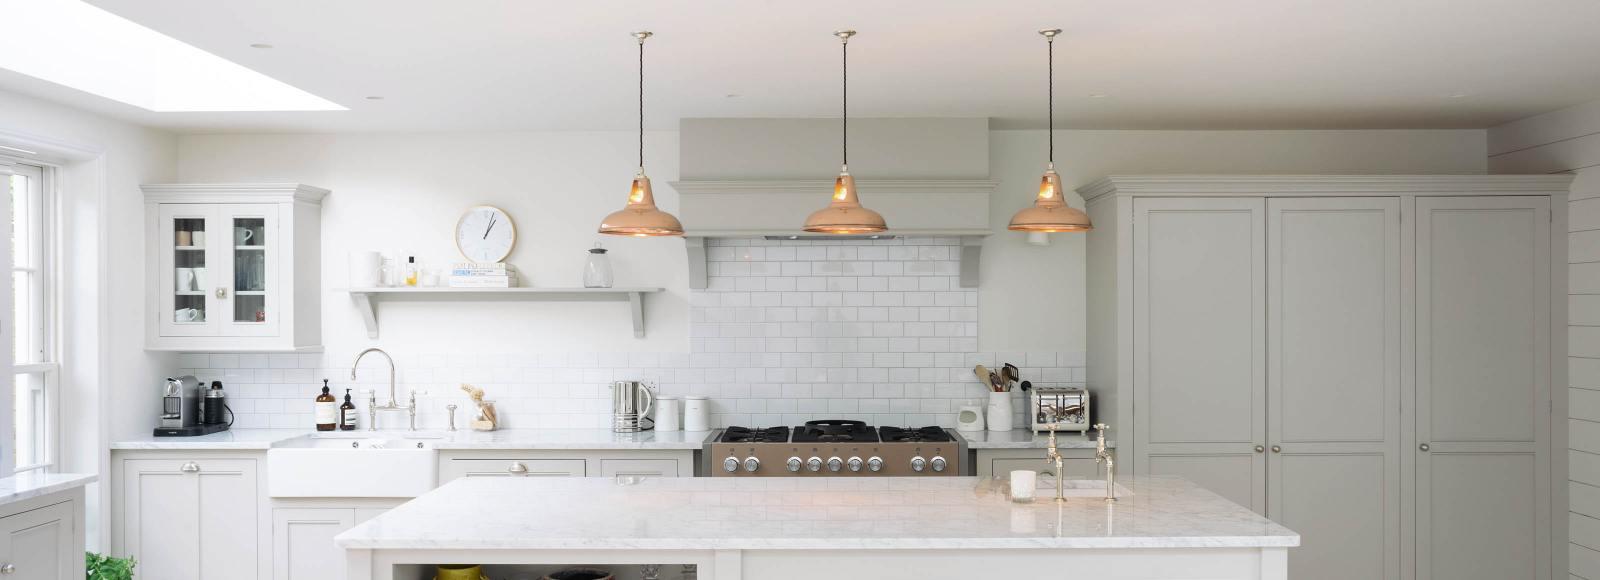 Clapham Shaker Kitchen: Shaker Kitchens, Classic Bespoke Kitchens